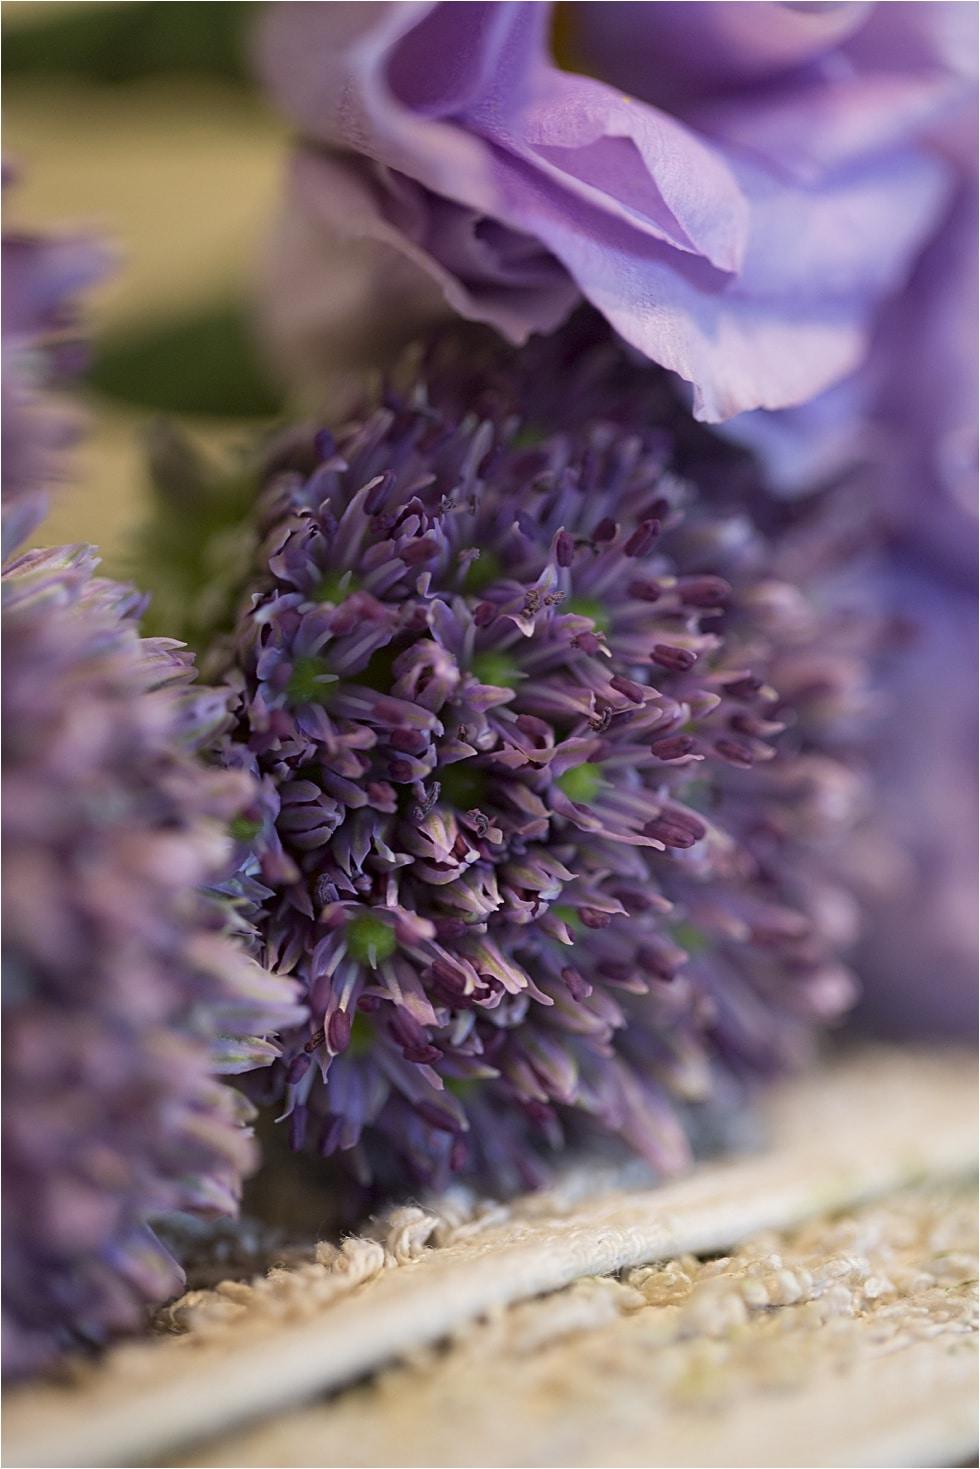 brudebuket interflora leverandør vejle fotograf Tine hvolby51